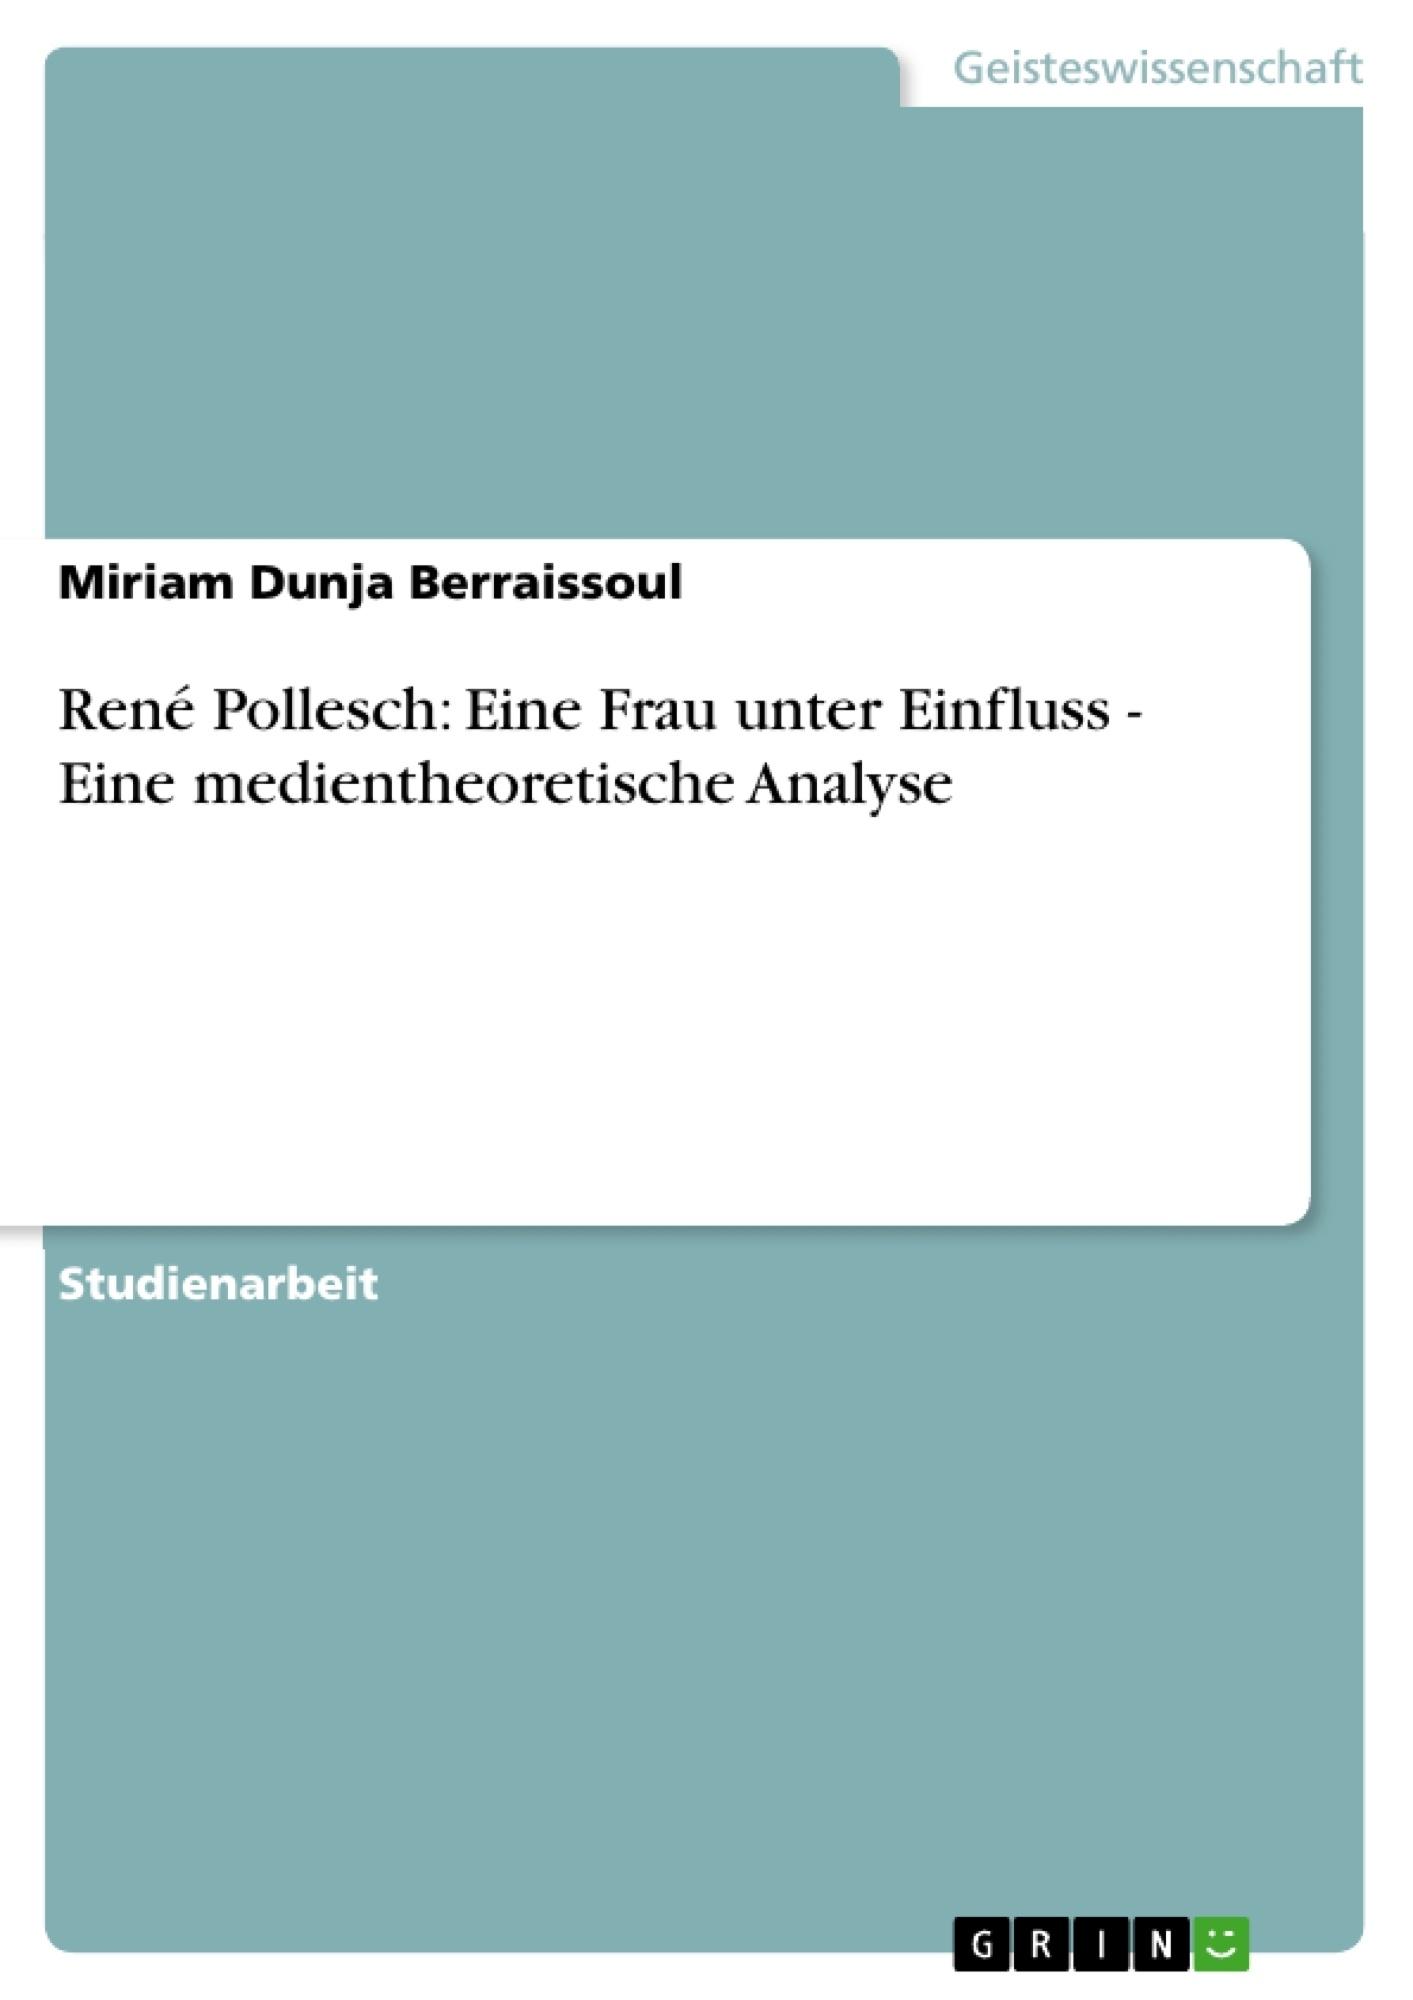 Titel: René Pollesch: Eine Frau unter Einfluss - Eine medientheoretische Analyse